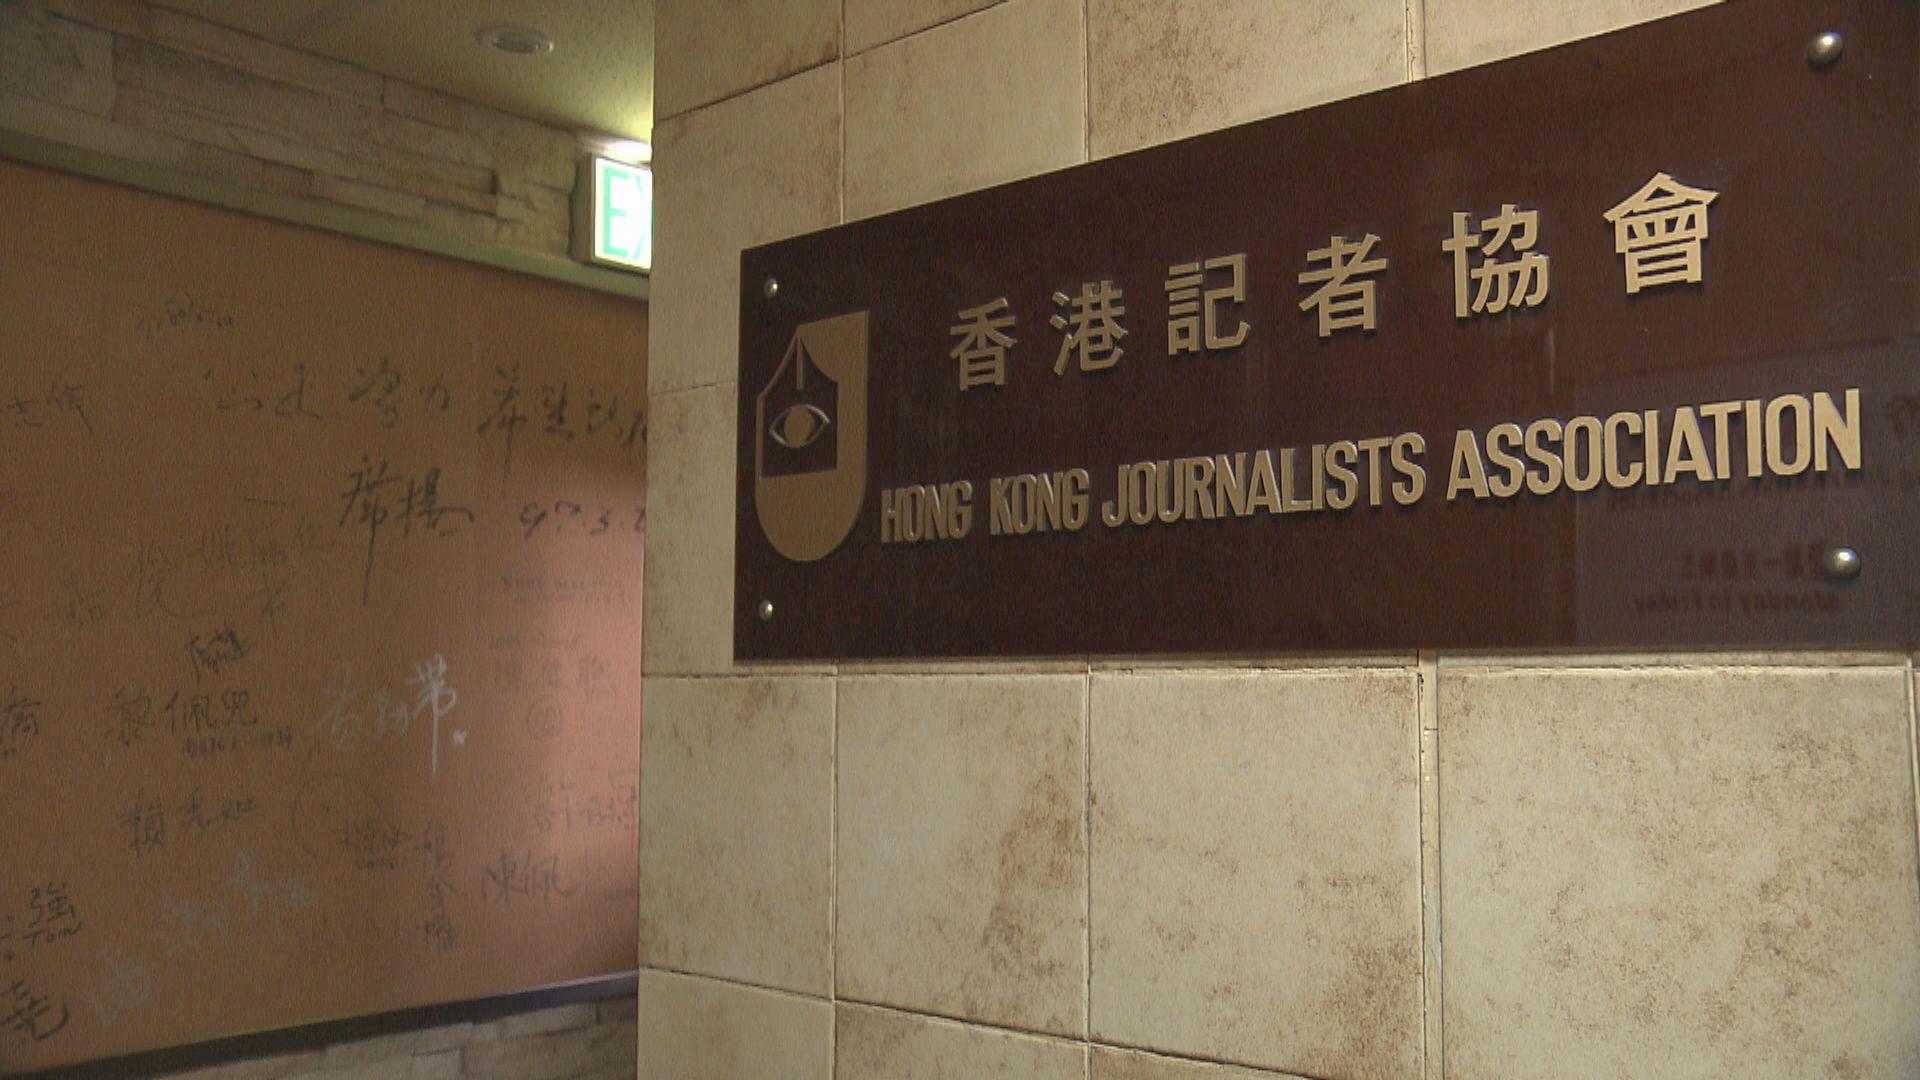 警鏡頭前展示記者身份證違私隱條例 記協促警方道歉